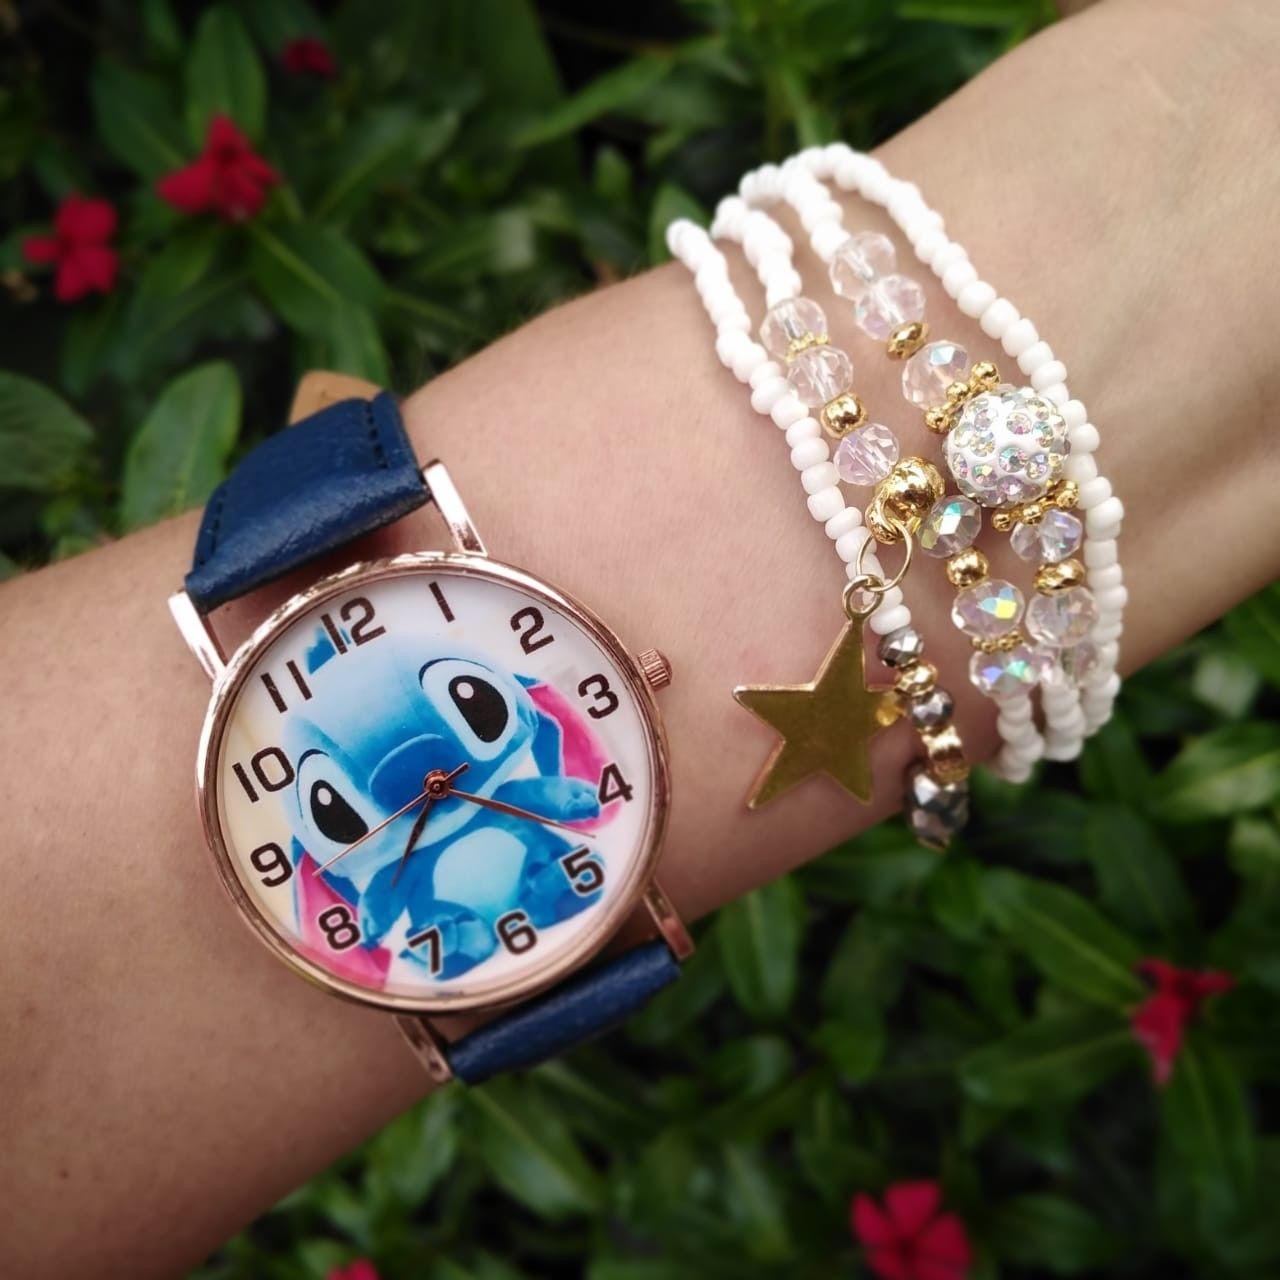 Imagen Sobre Reloj De Anhelos Costa Rica En Relojes Y Pulseras